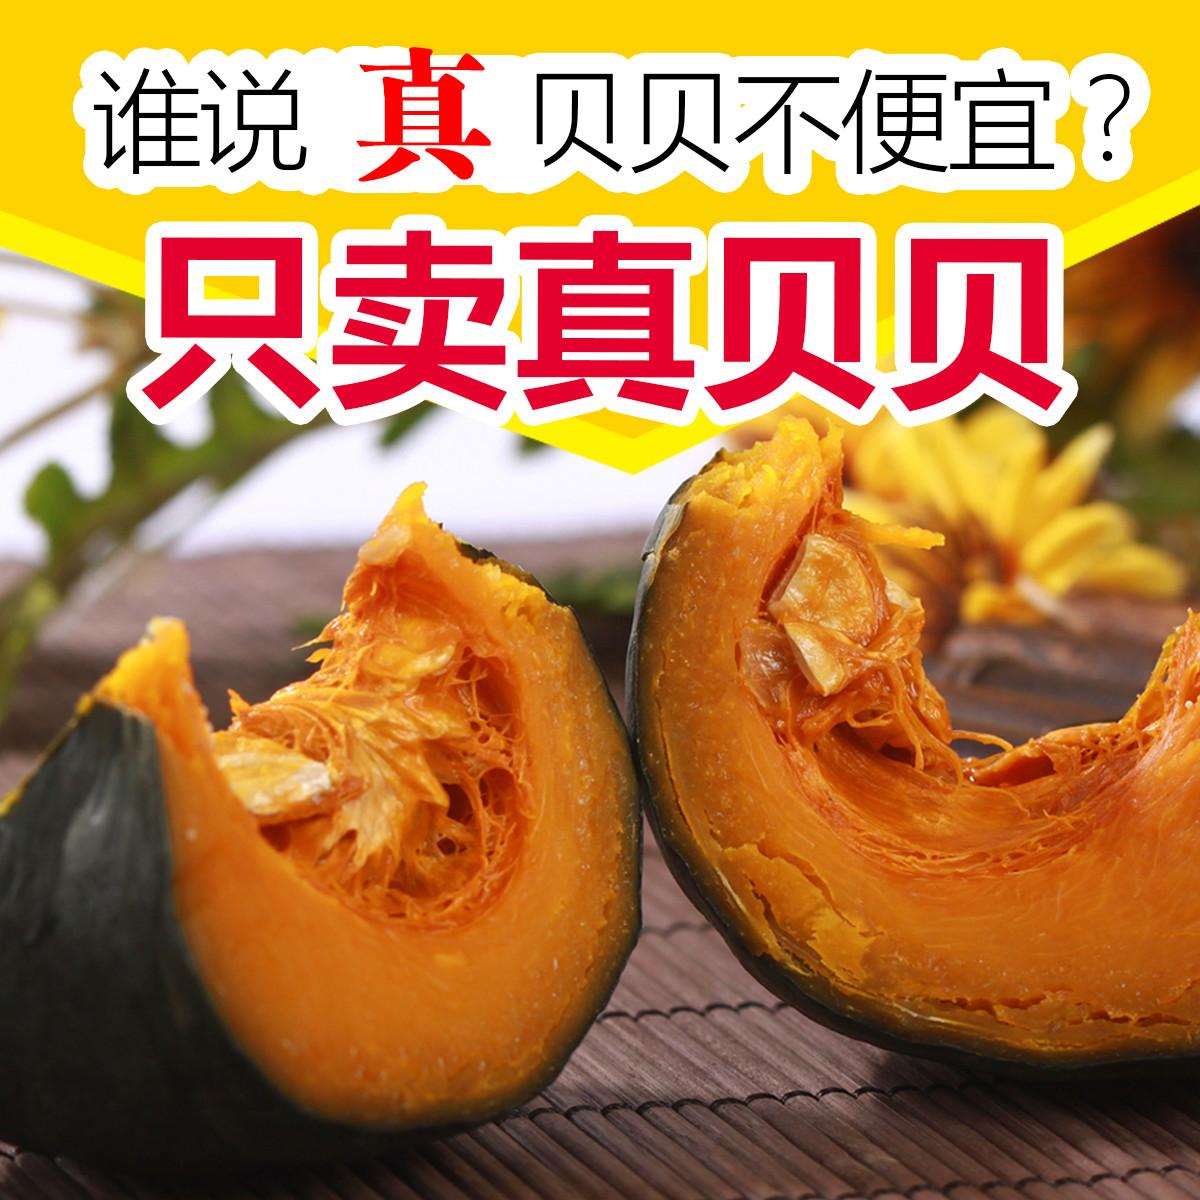 贝贝南瓜板栗味小南瓜日本进口板粟5斤孕妇新鲜板票栗子辅食正品